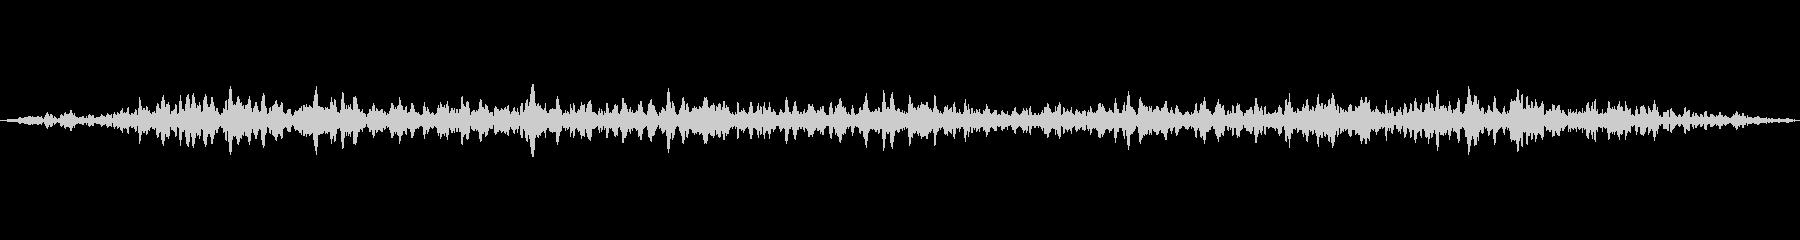 空気清浄機の音の未再生の波形